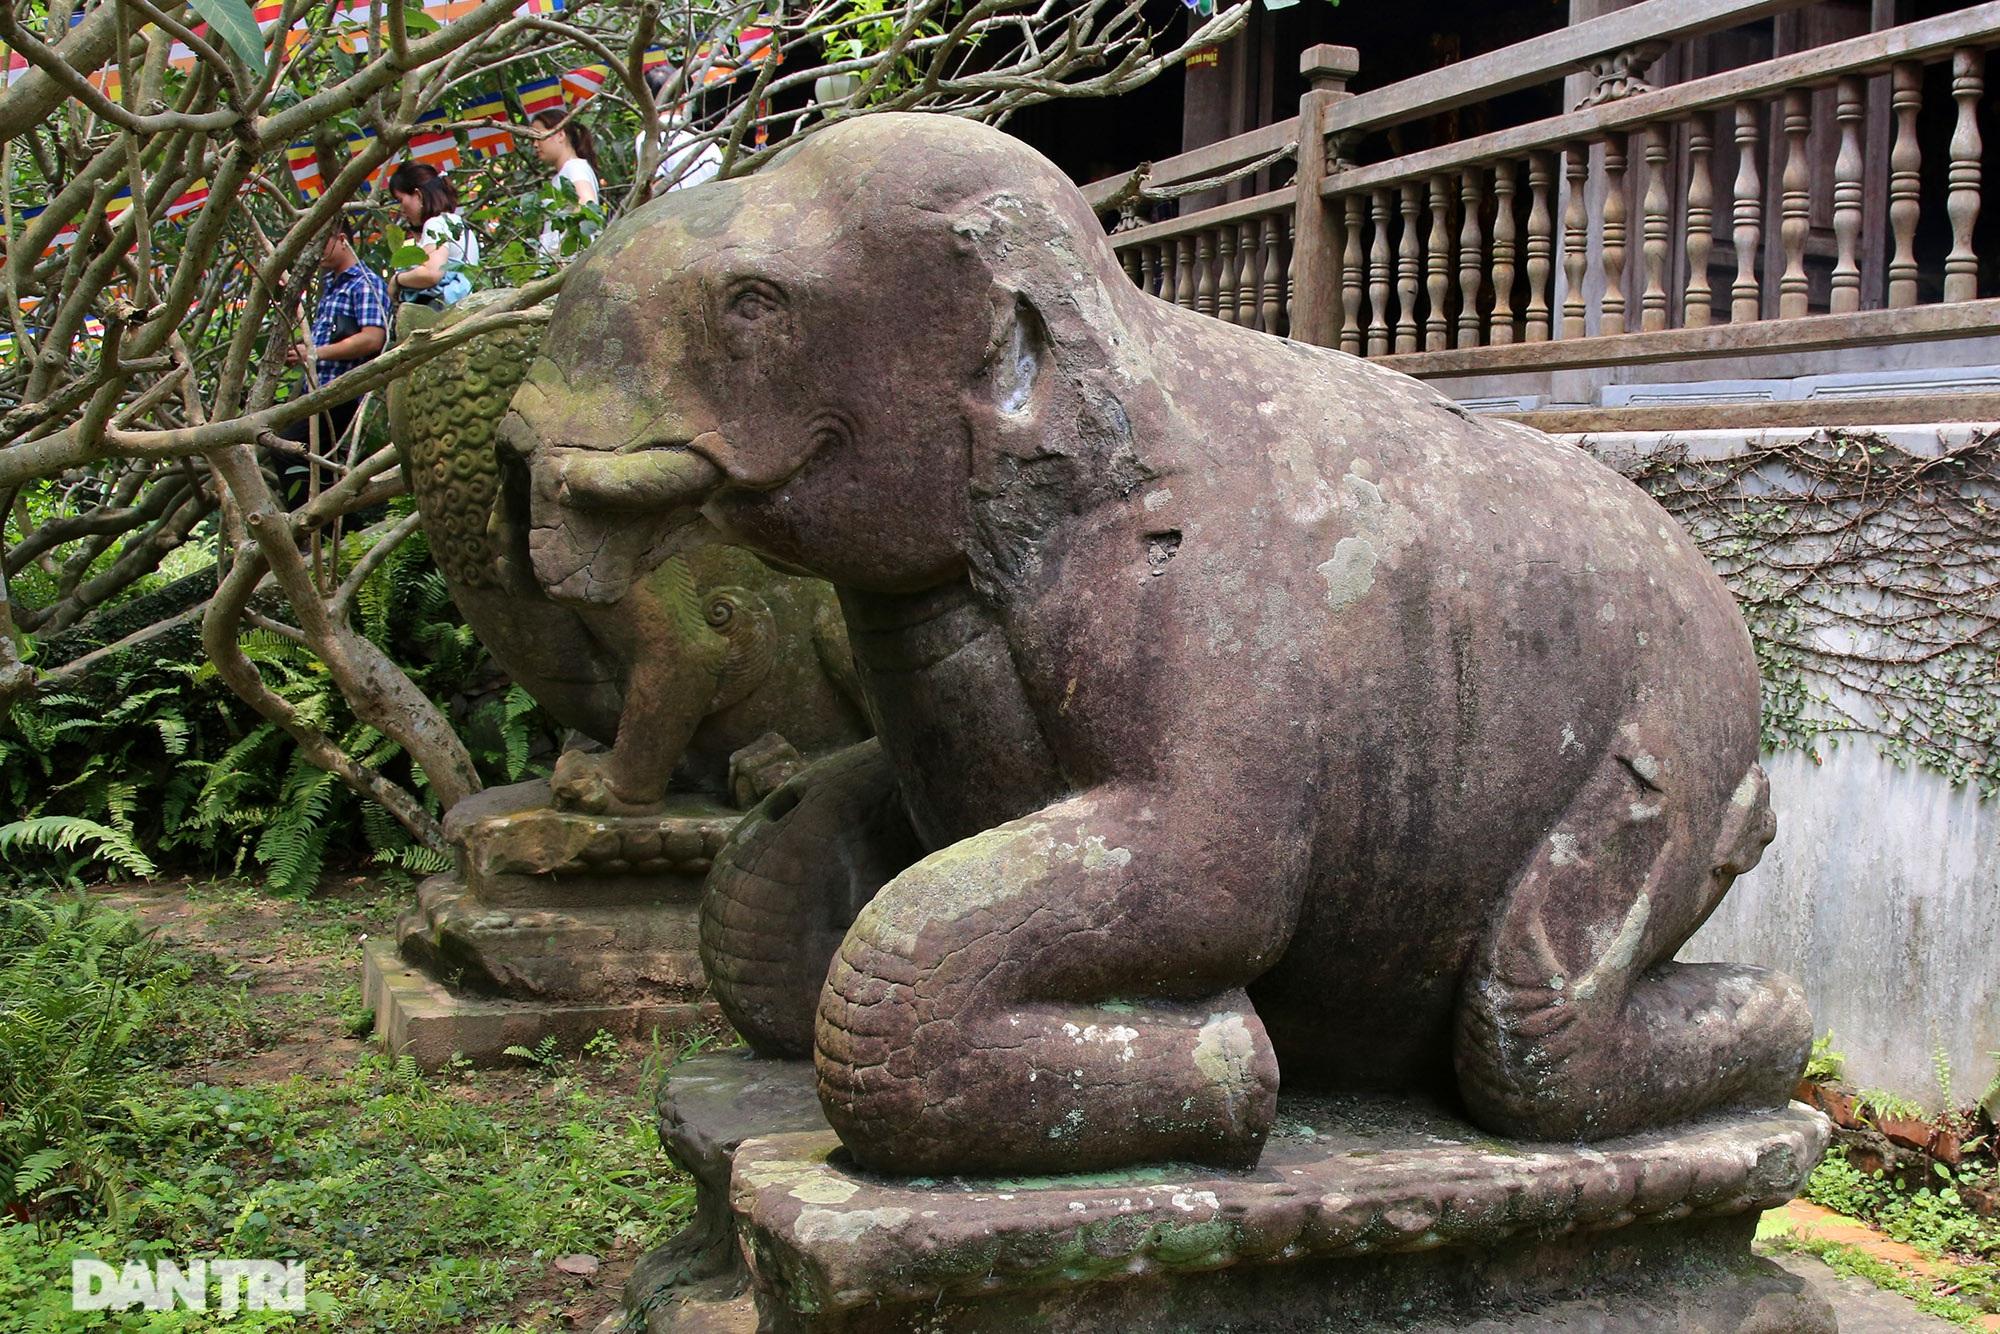 Kỳ lạ 10 linh thú đá nghìn năm tuổi canh gác chùa Phật Tích - 5